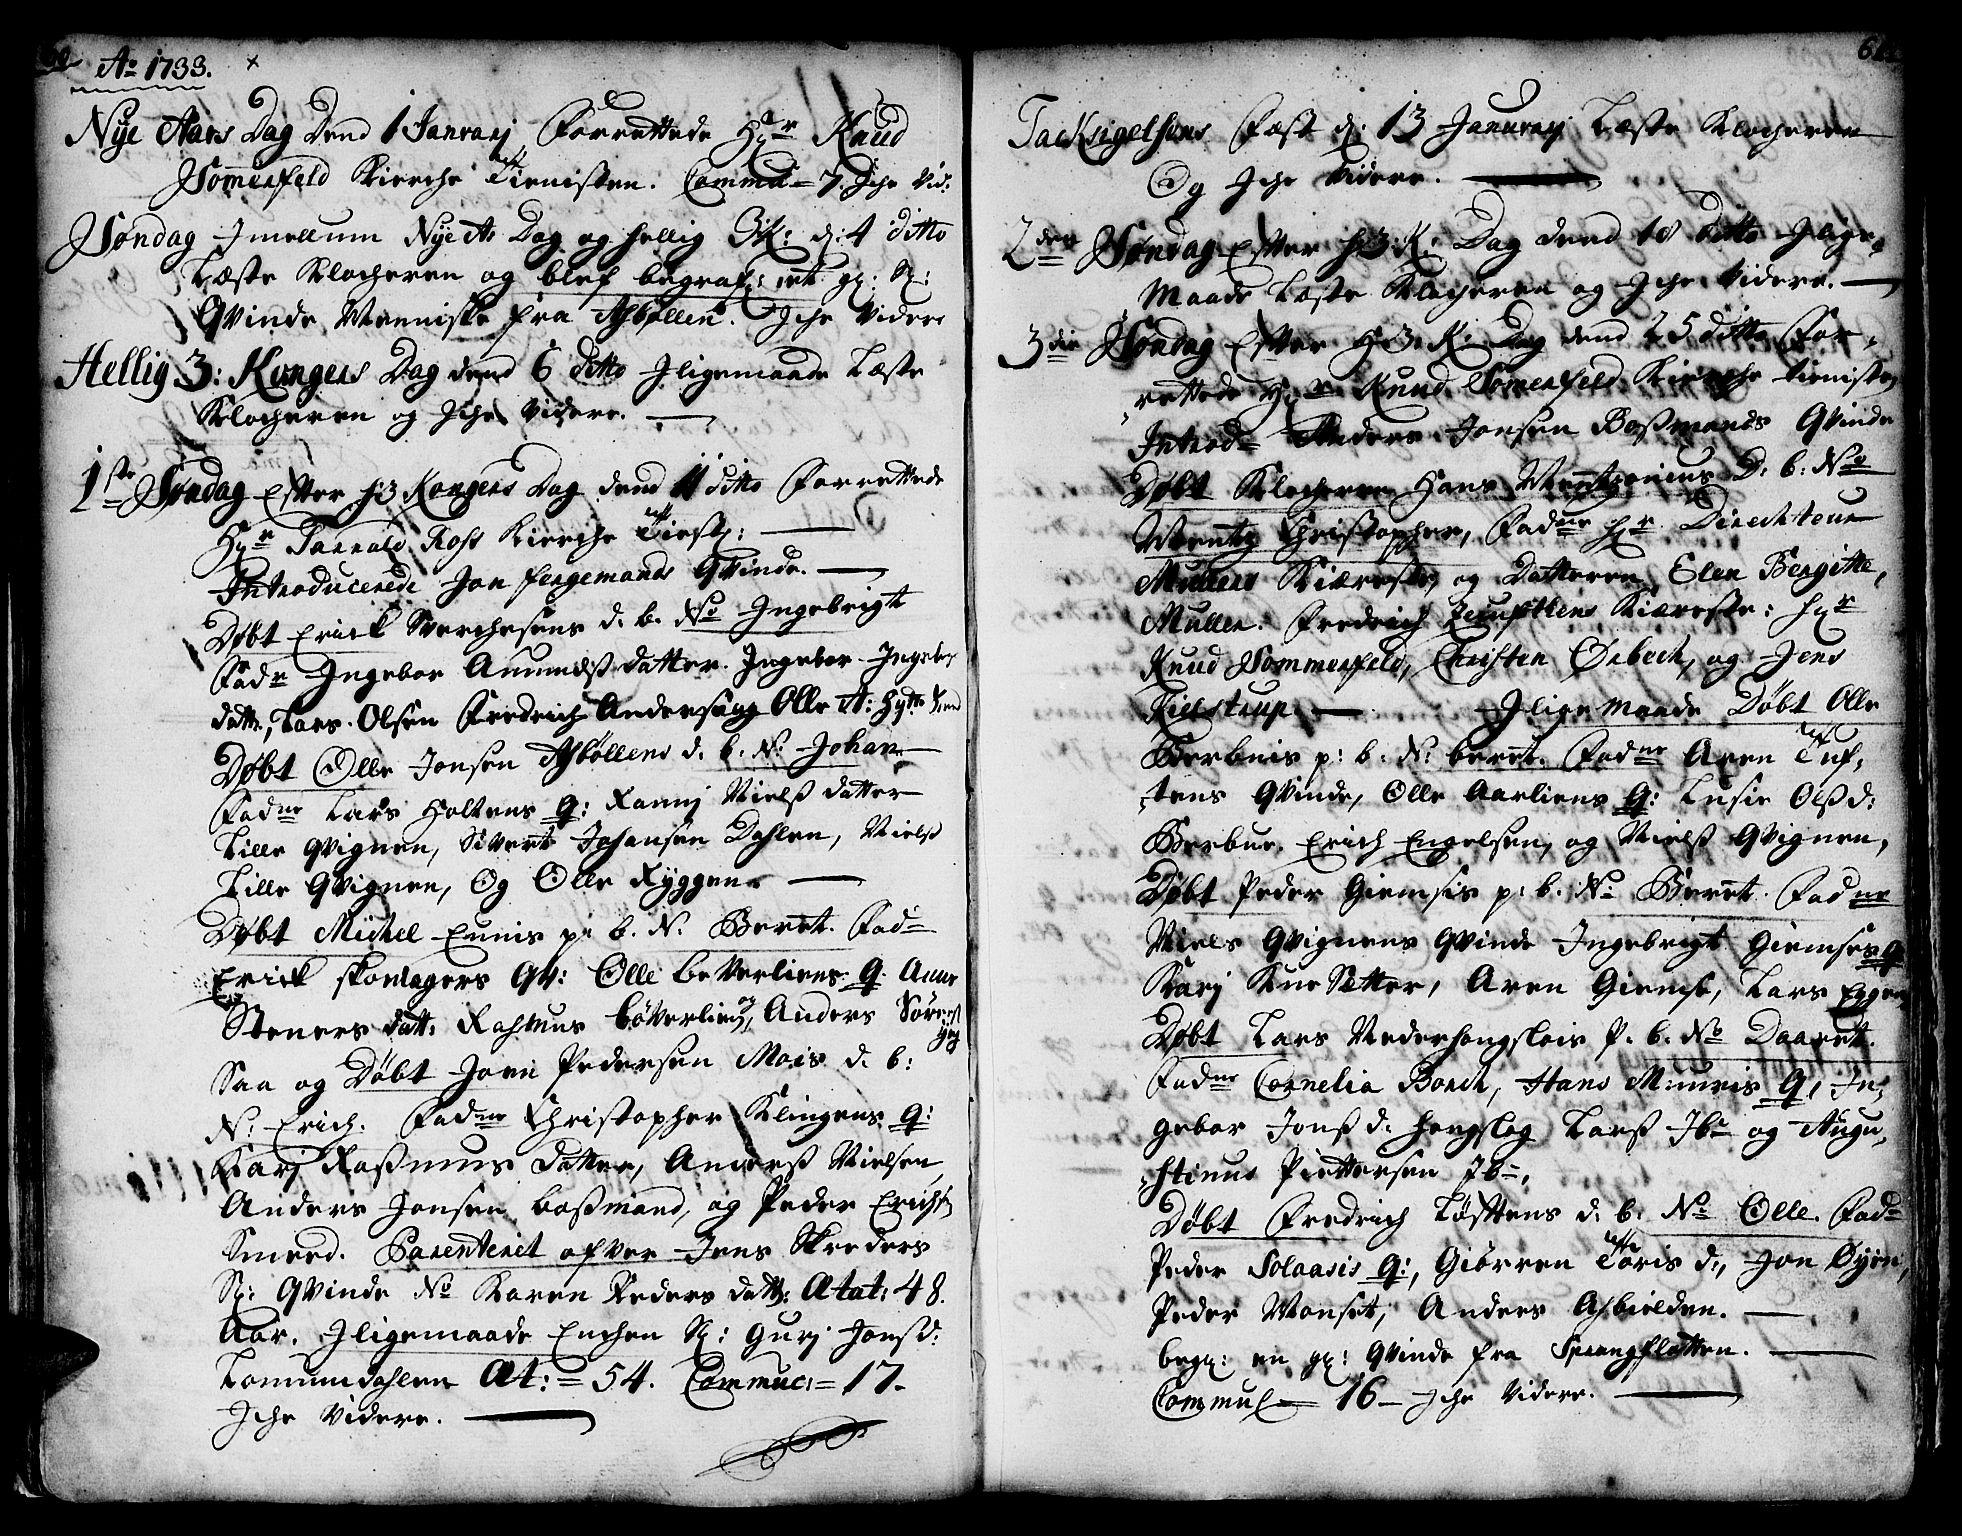 SAT, Ministerialprotokoller, klokkerbøker og fødselsregistre - Sør-Trøndelag, 671/L0839: Ministerialbok nr. 671A01, 1730-1755, s. 60-61